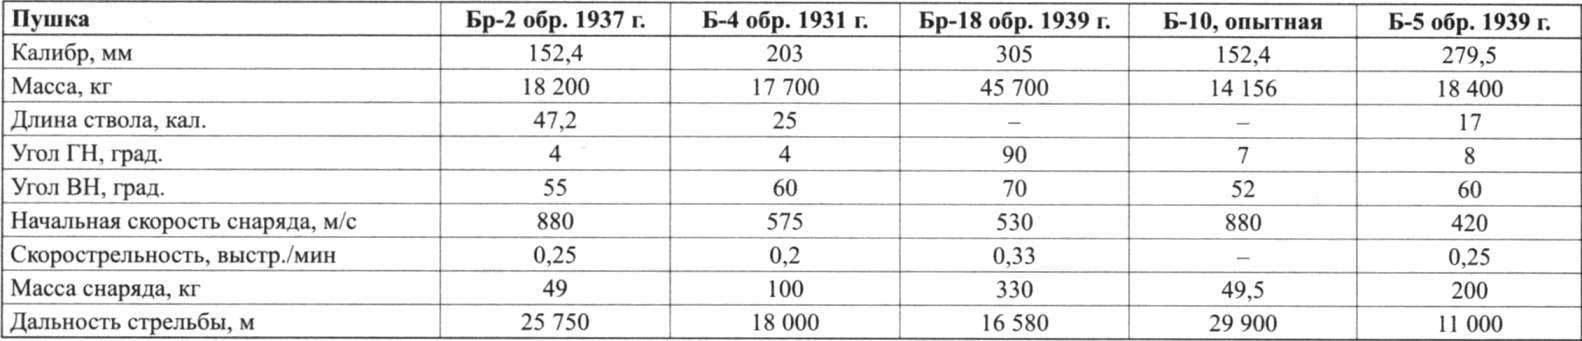 ТЕХНИЧЕСКИЕ ХАРАКТЕРИСТИКИ ПУШЕК ПРОЕКТА СУ-14